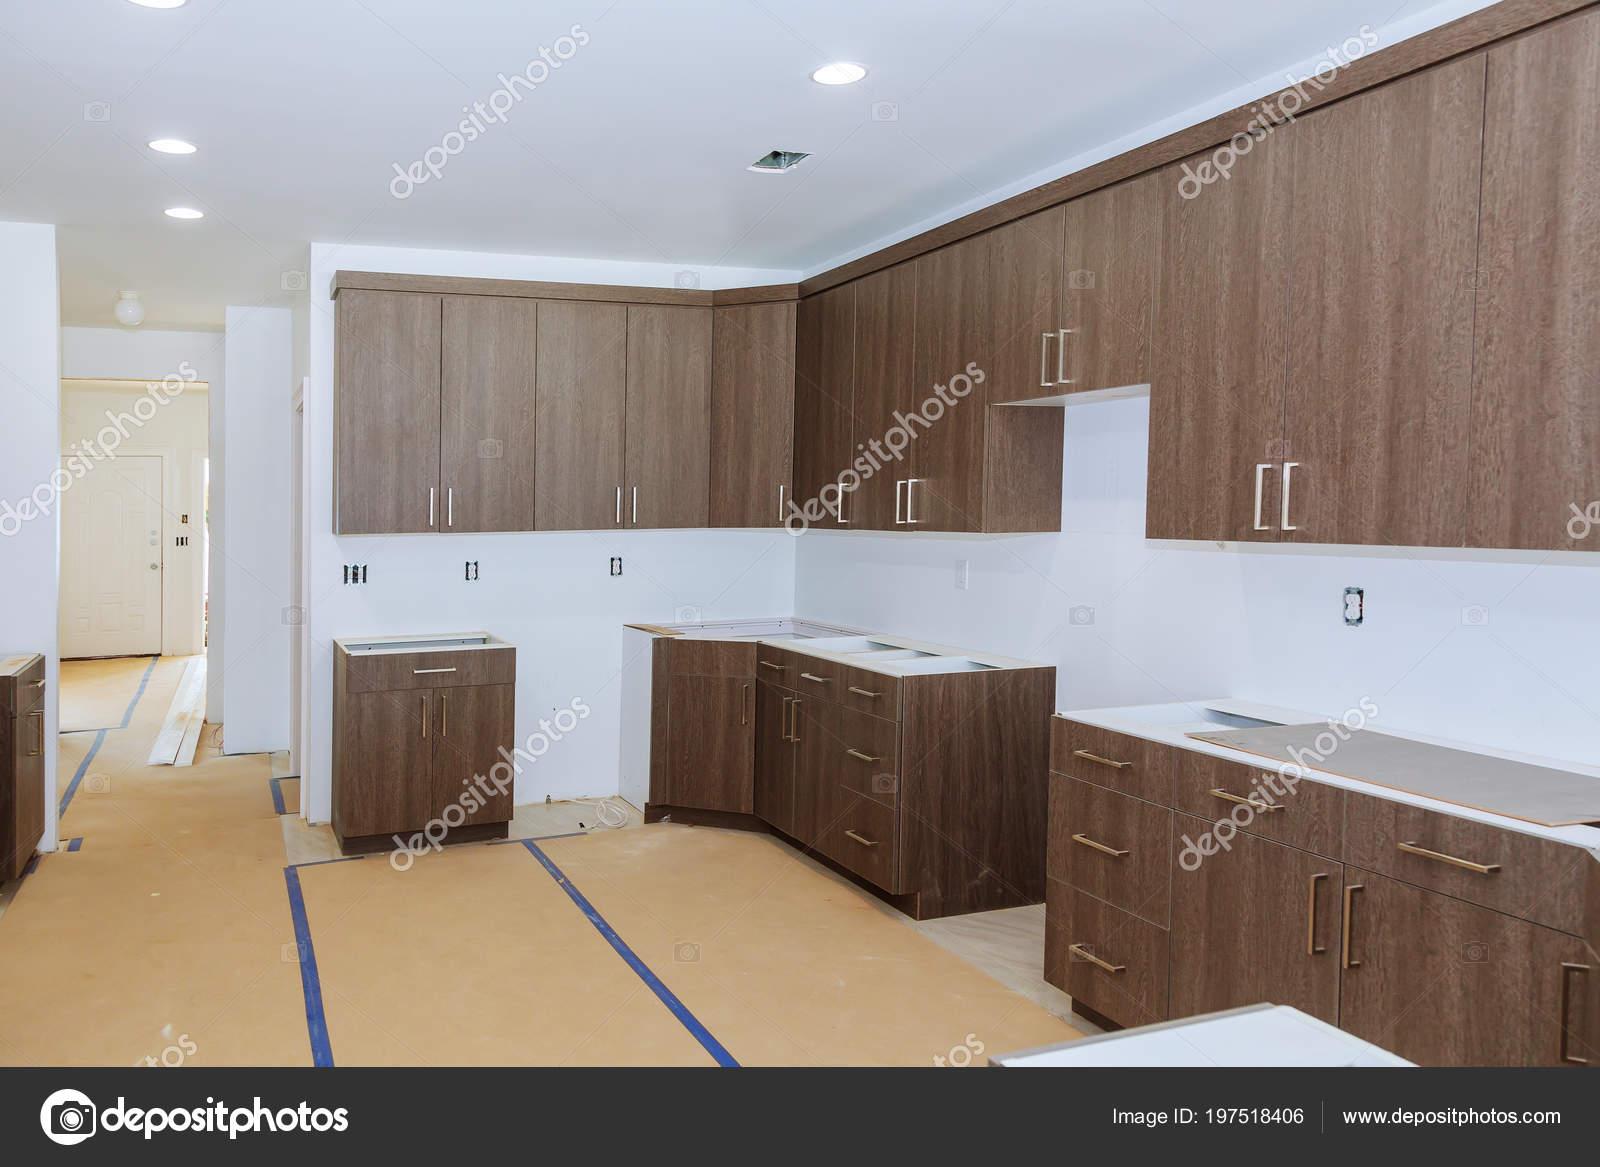 Instalado nuevo encargo gabinetes cocina madera con for Decoracion de gabinetes de cocina